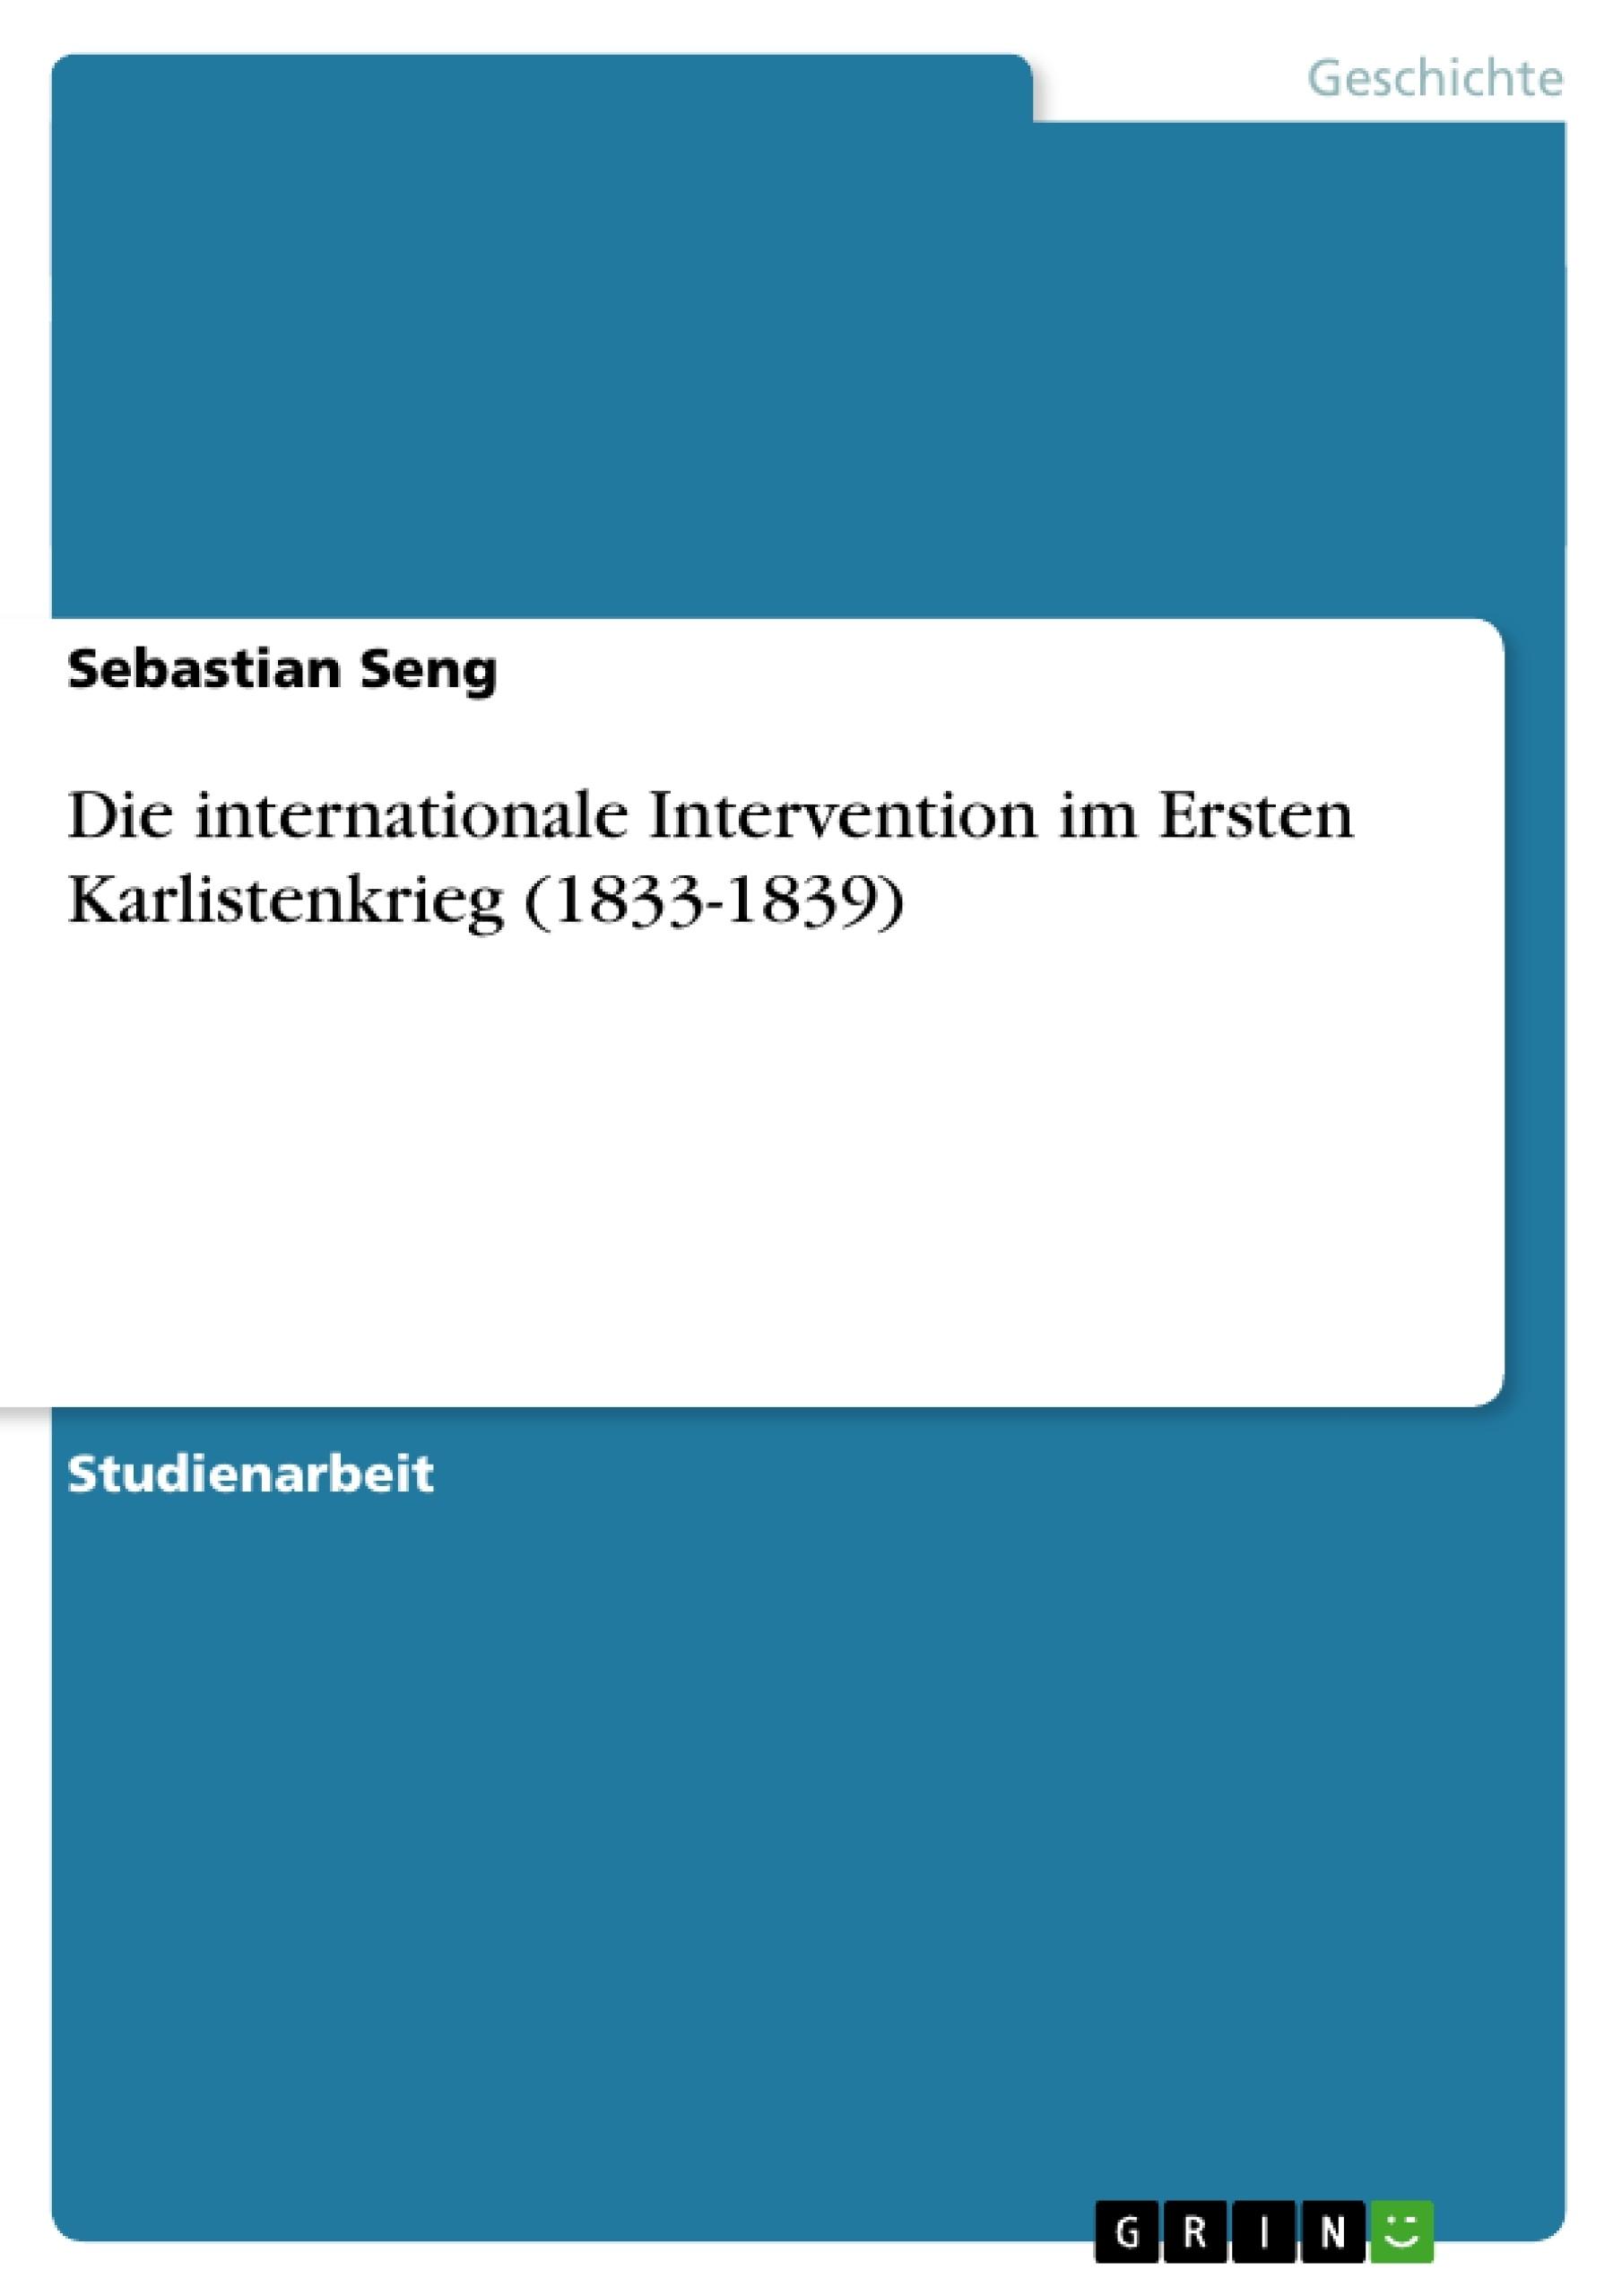 Titel: Die internationale Intervention im Ersten Karlistenkrieg (1833-1839)